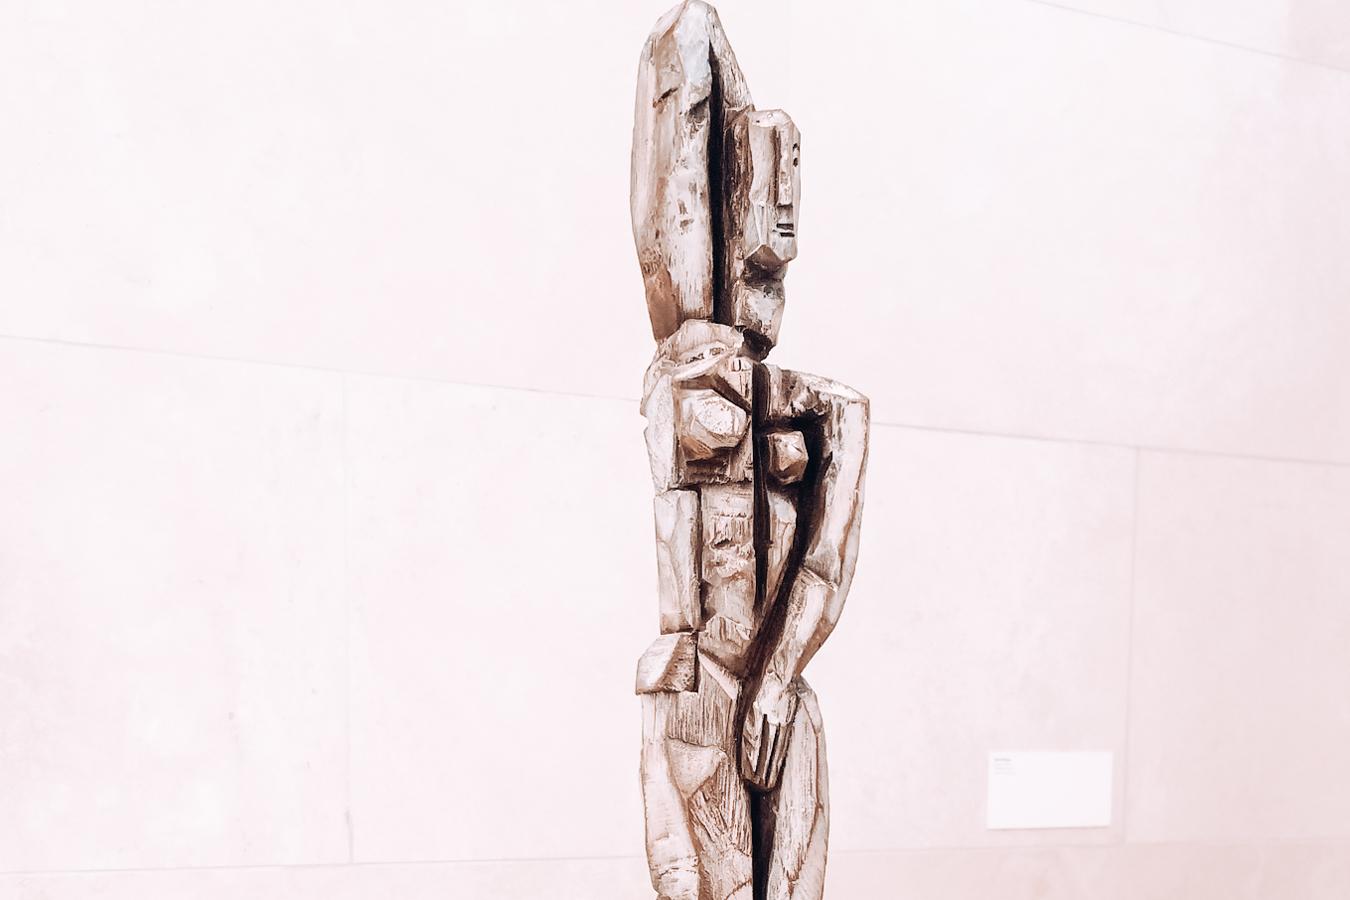 Sculpture at the Nasher Sculpture Center